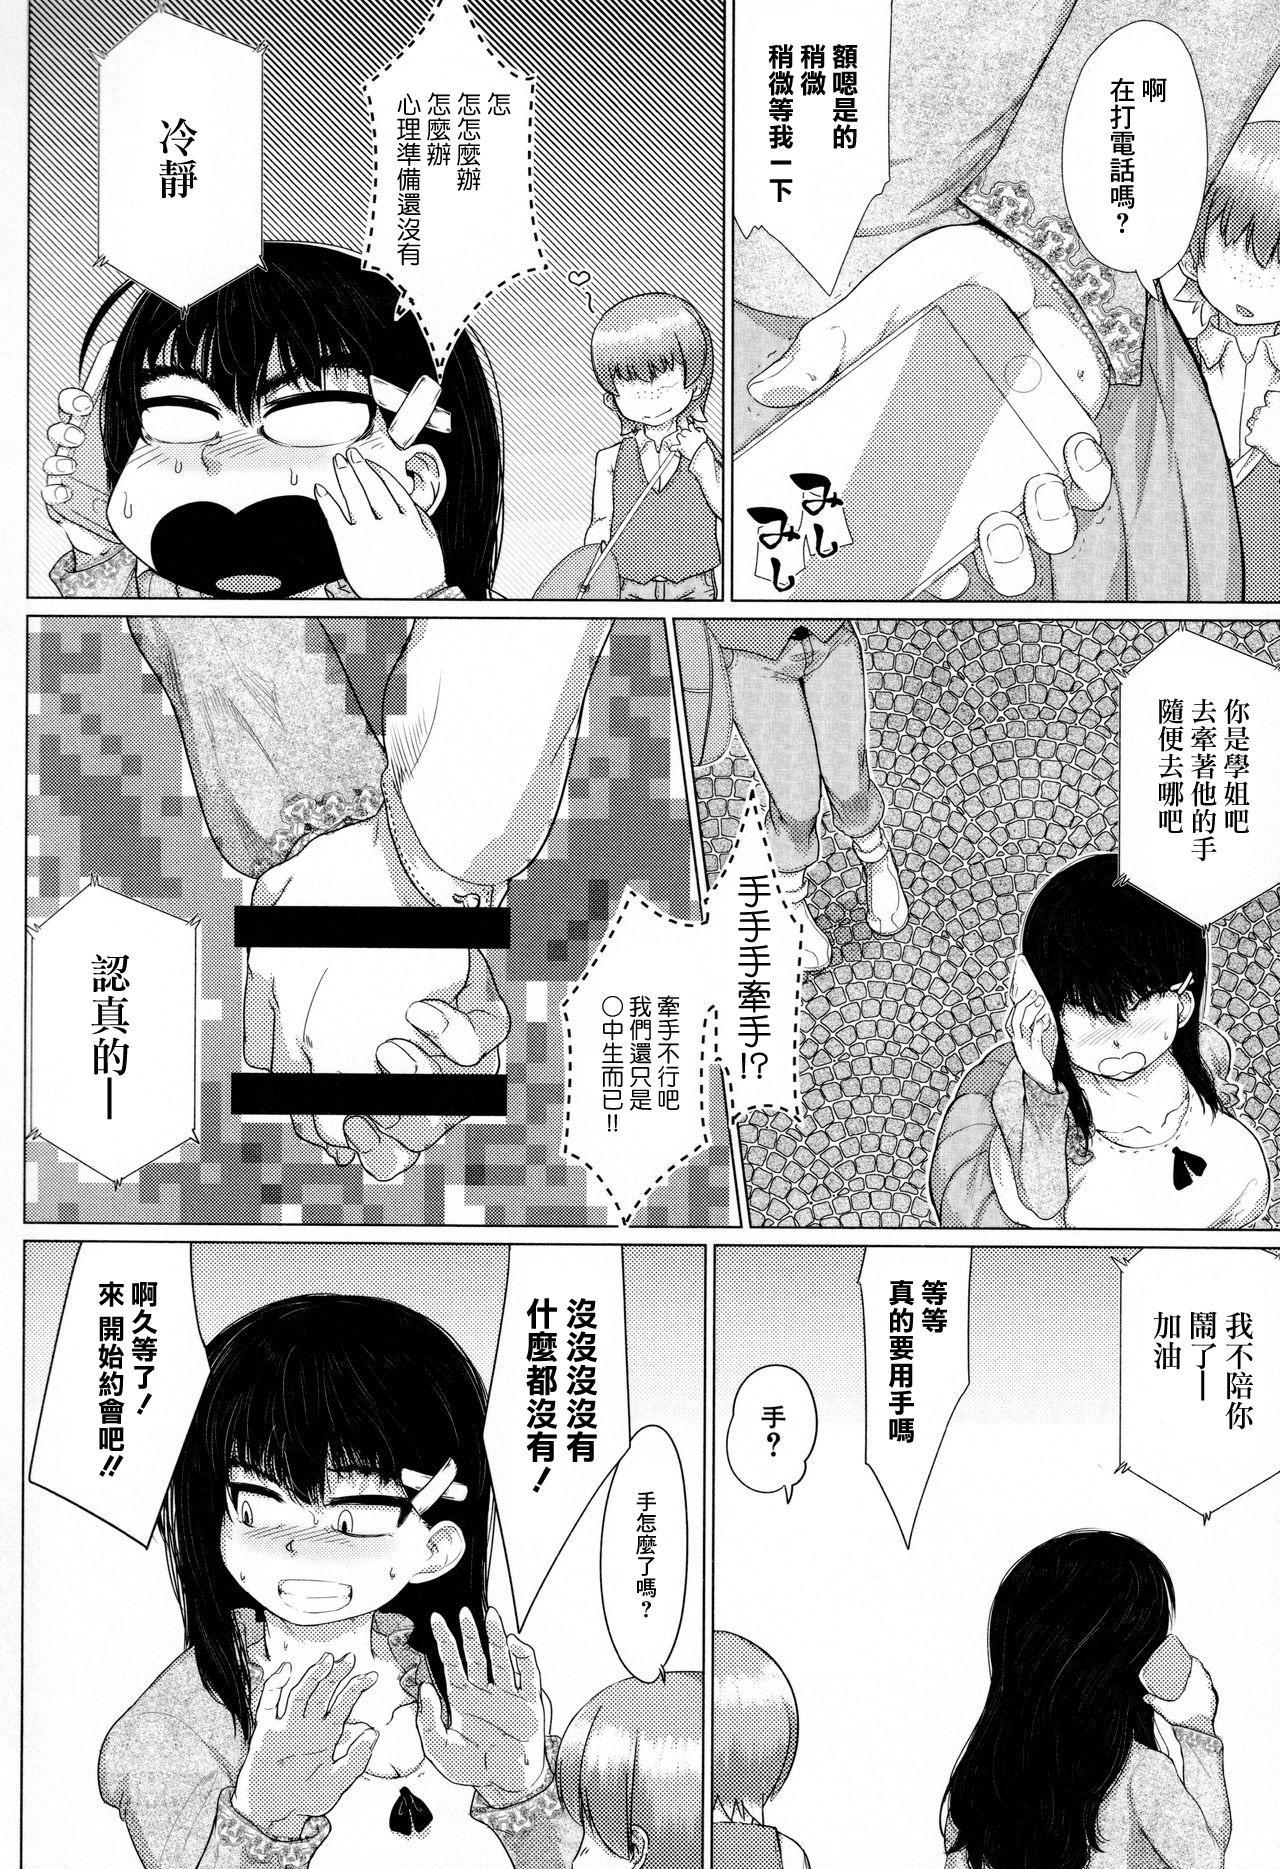 地味デカJK初デート 3